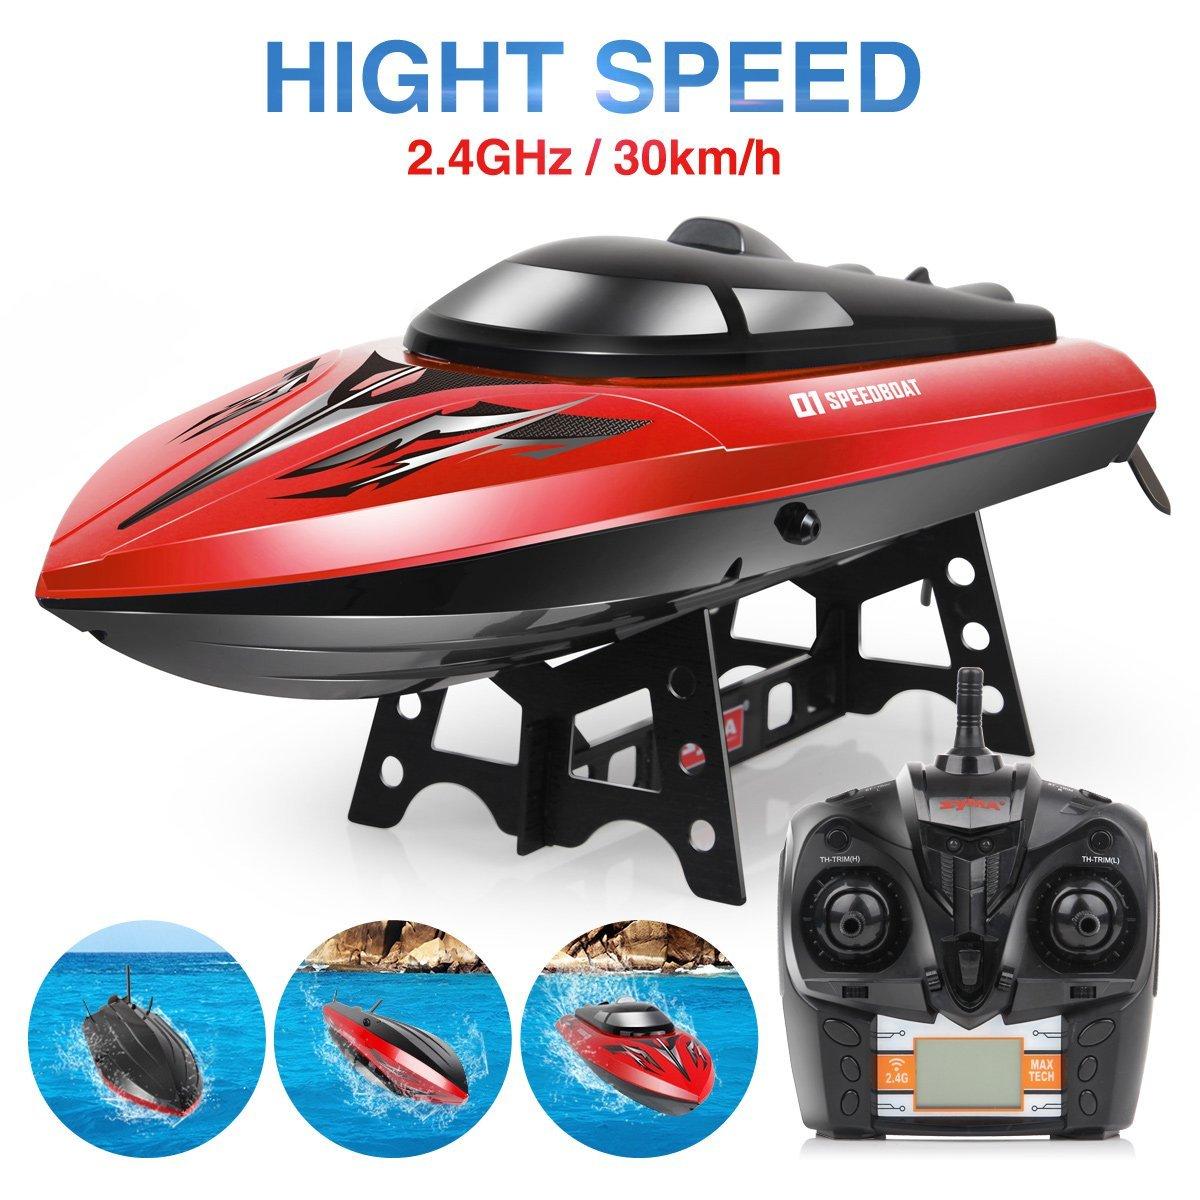 EBOYU (TM) Syma nouveau Q1 2.4 GHZ 4CH jouets pour enfants vitesse RC bateau haute Performance hors-bord étanche